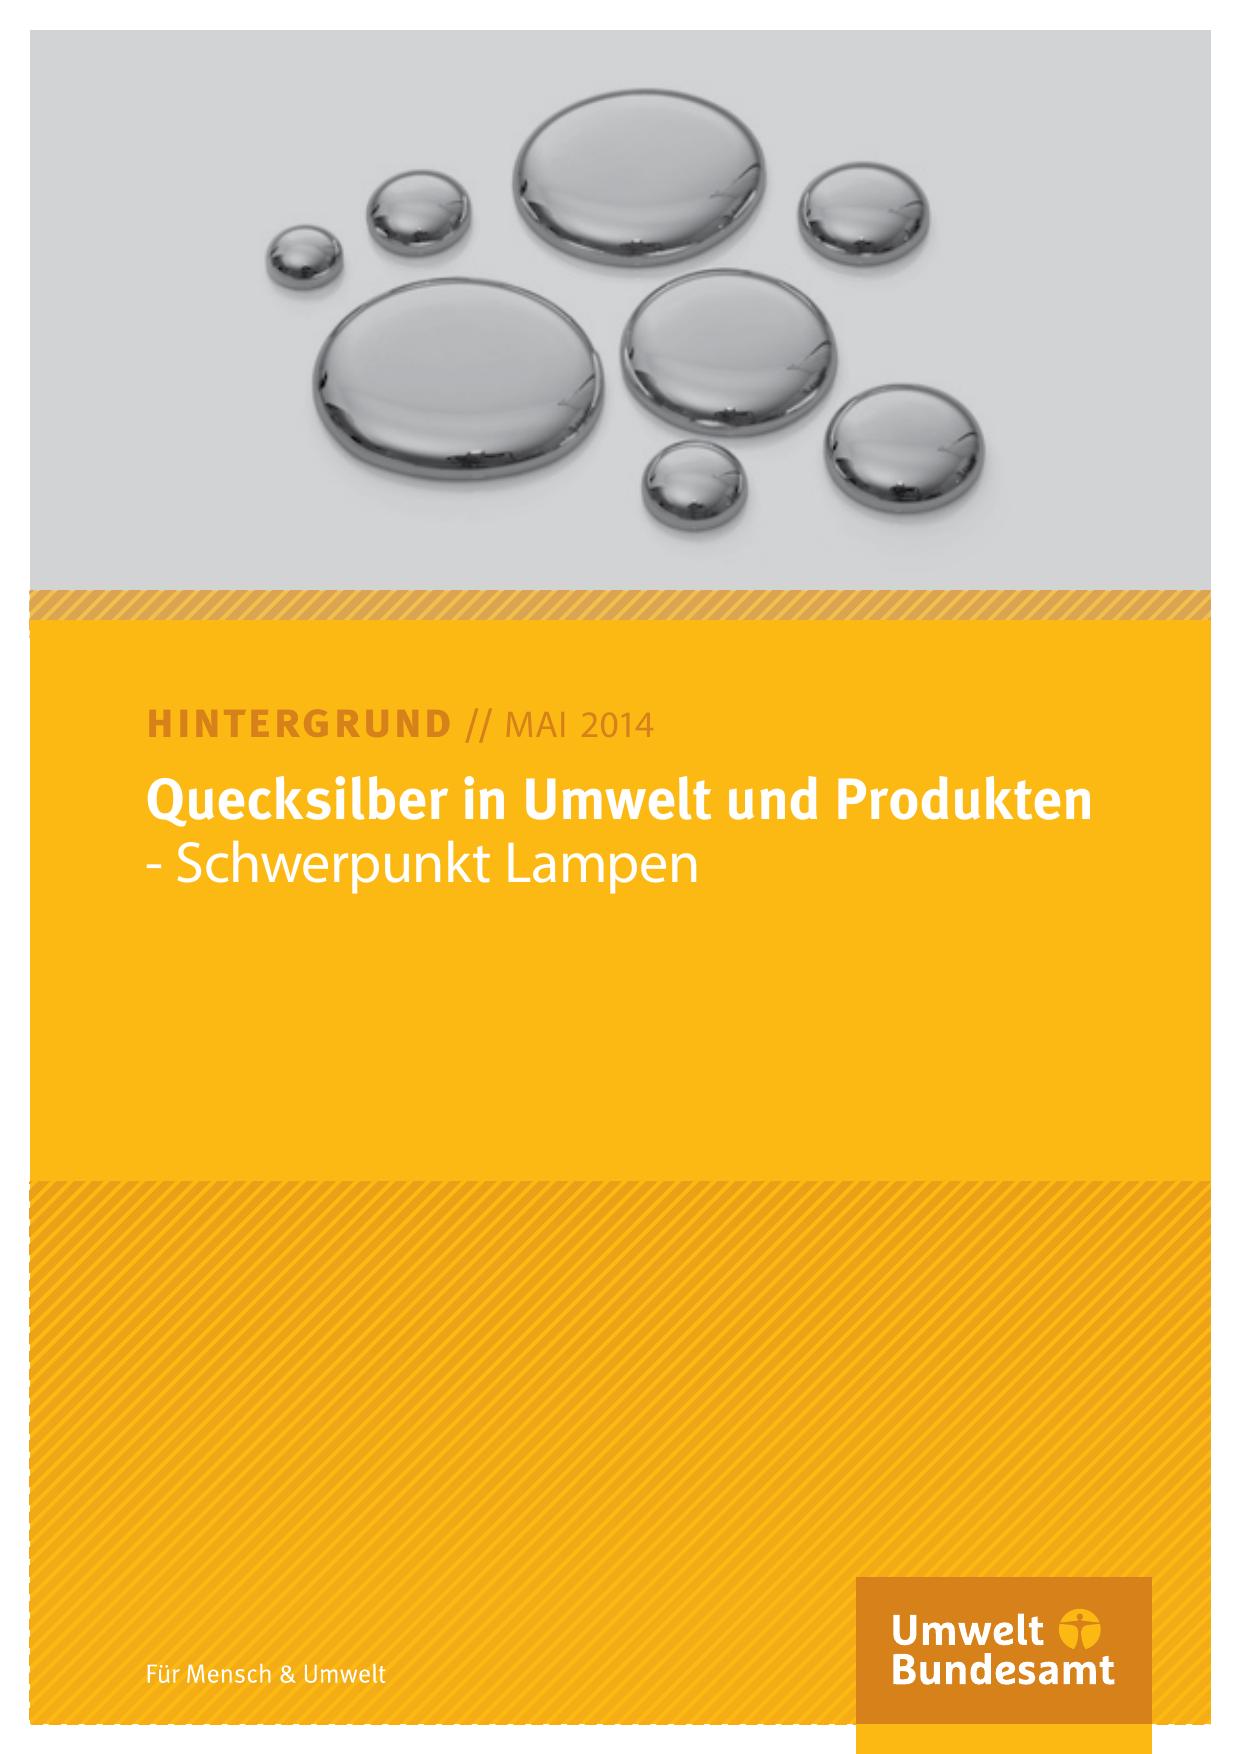 Quecksilber in Umwelt und Produkten | manualzz.com